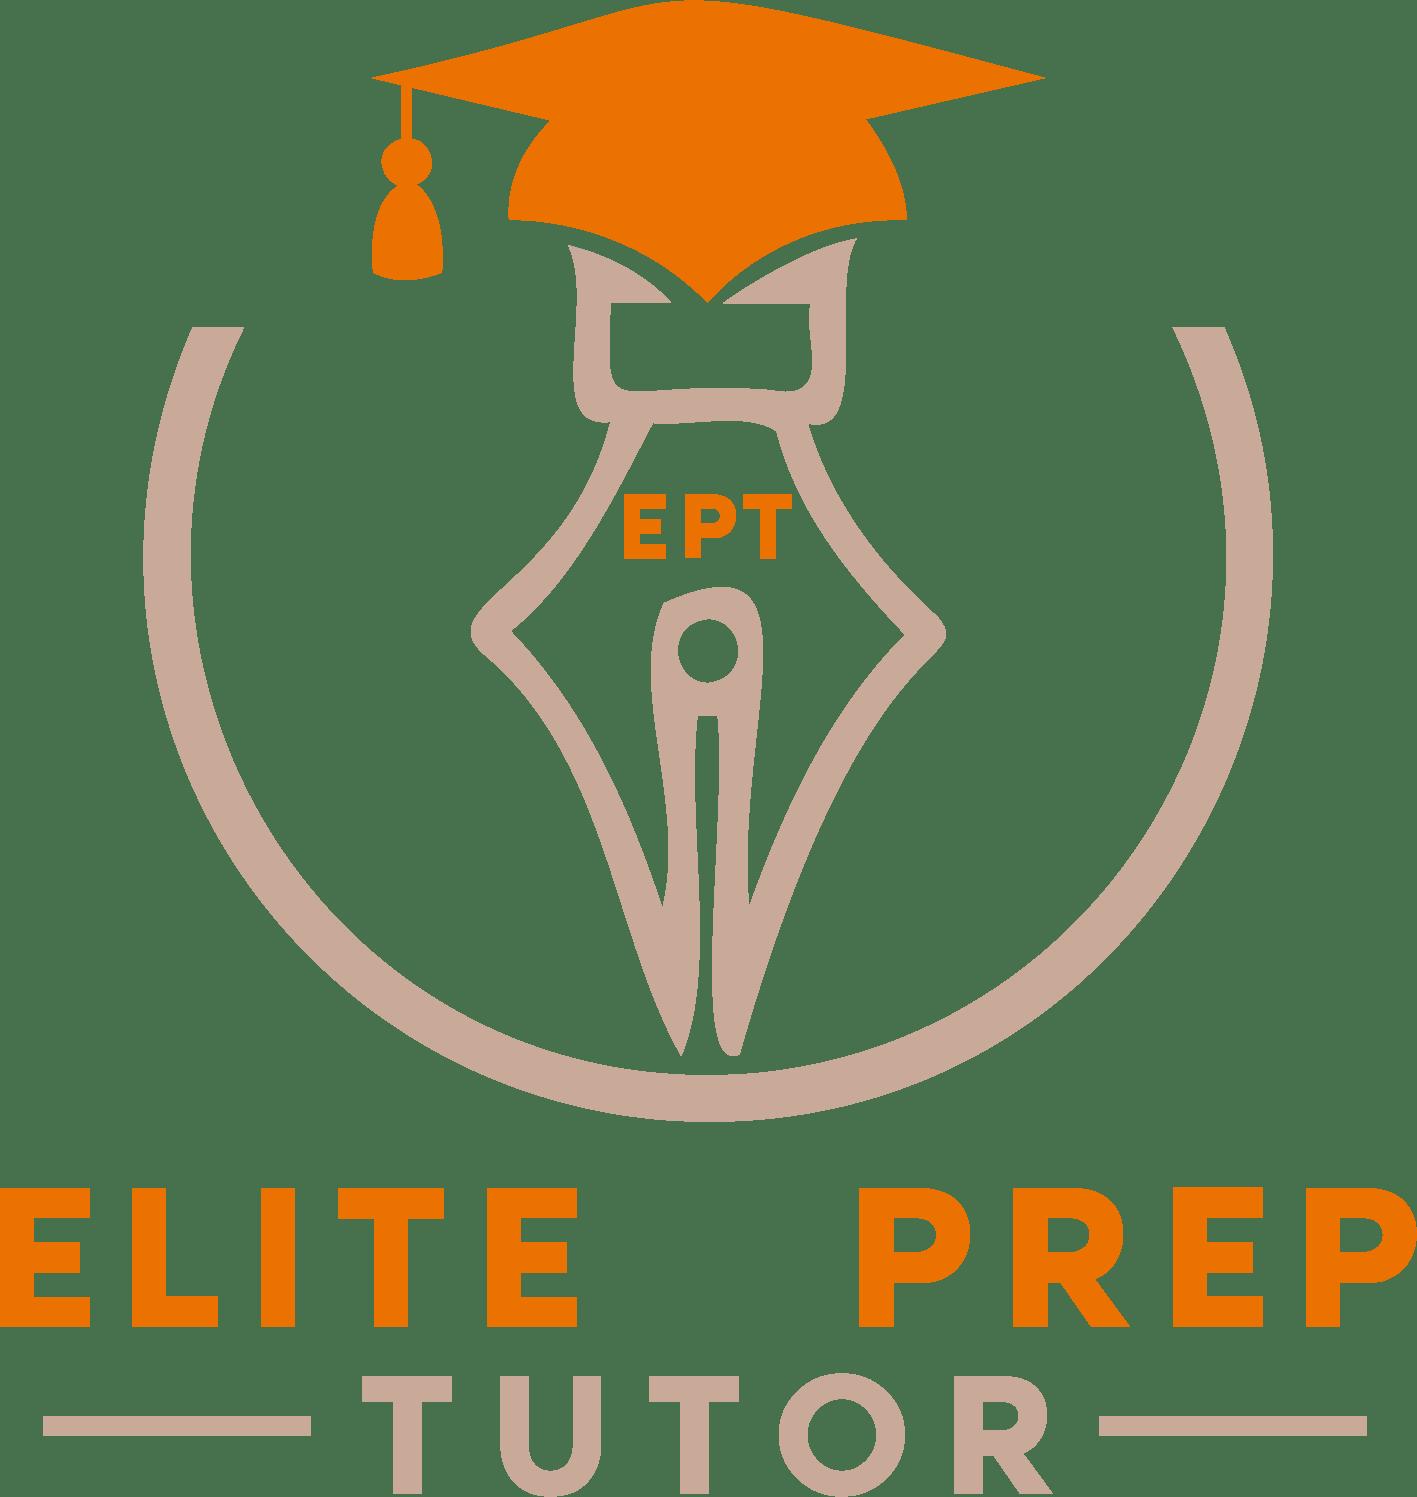 Elite Prep Tutor